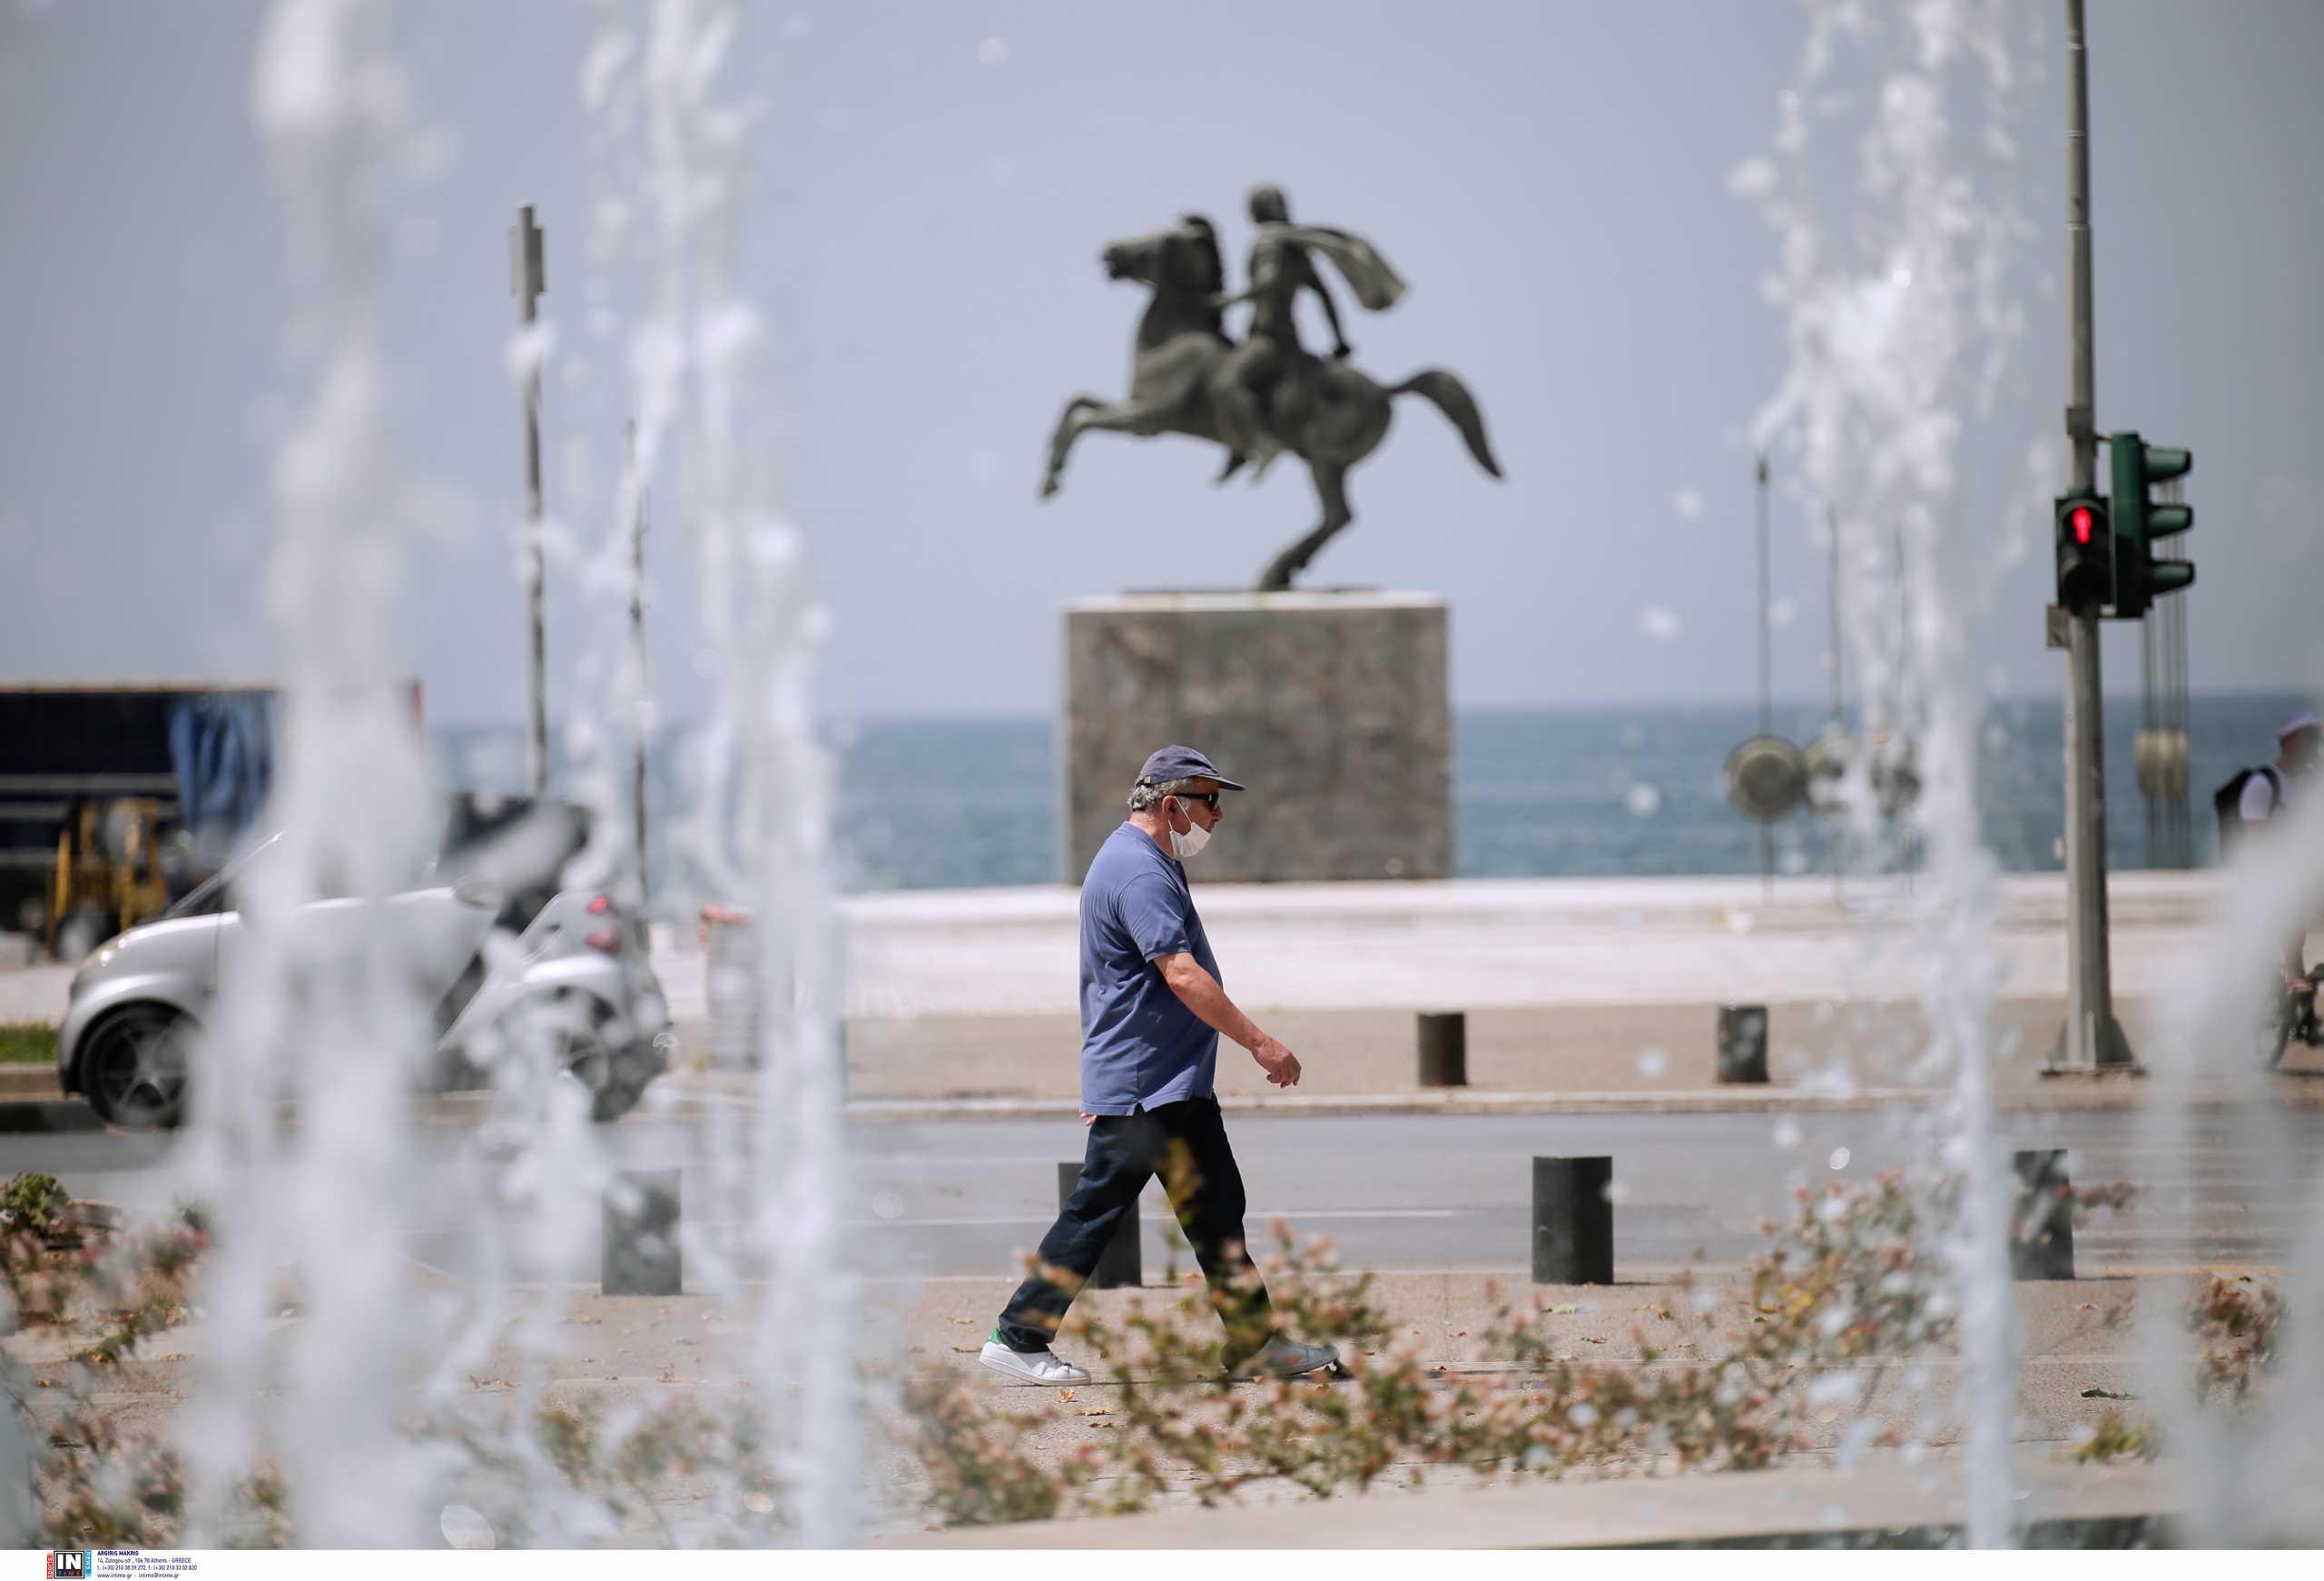 Σταθερά χαμηλά επίπεδα κορονοϊού στα λύματα της Θεσσαλονίκης